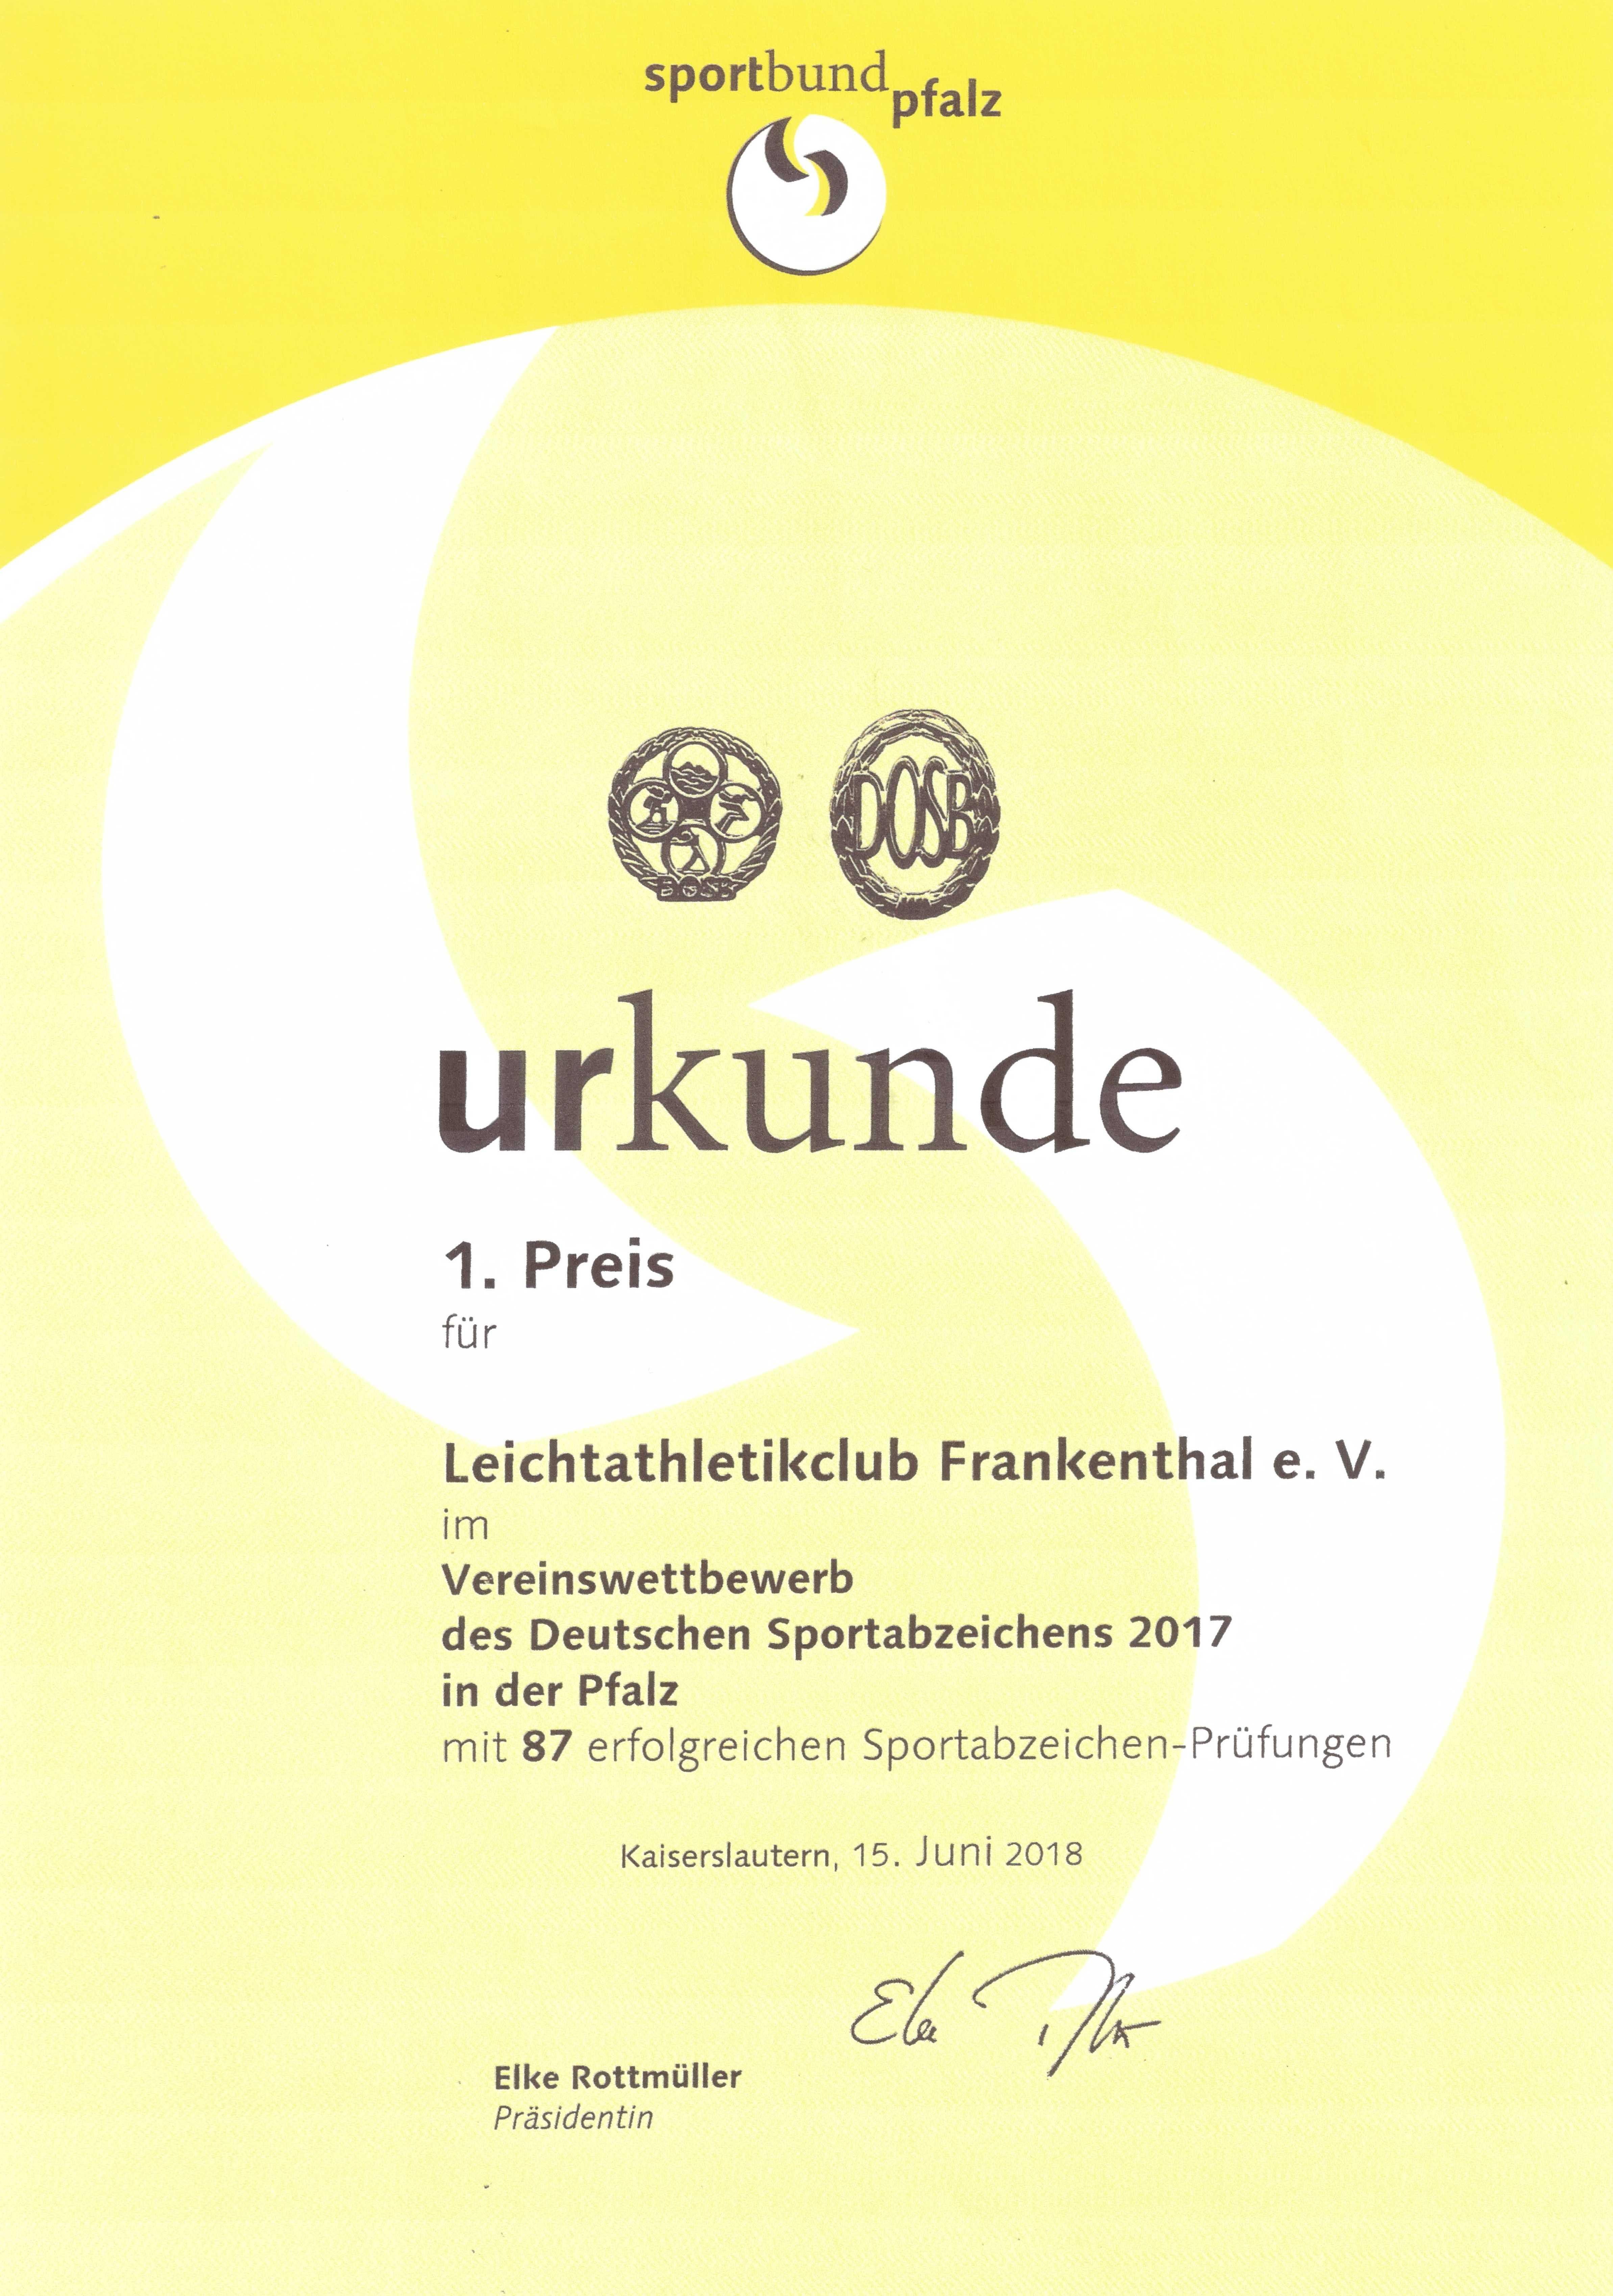 Urkunde des Sportbund Pfalz